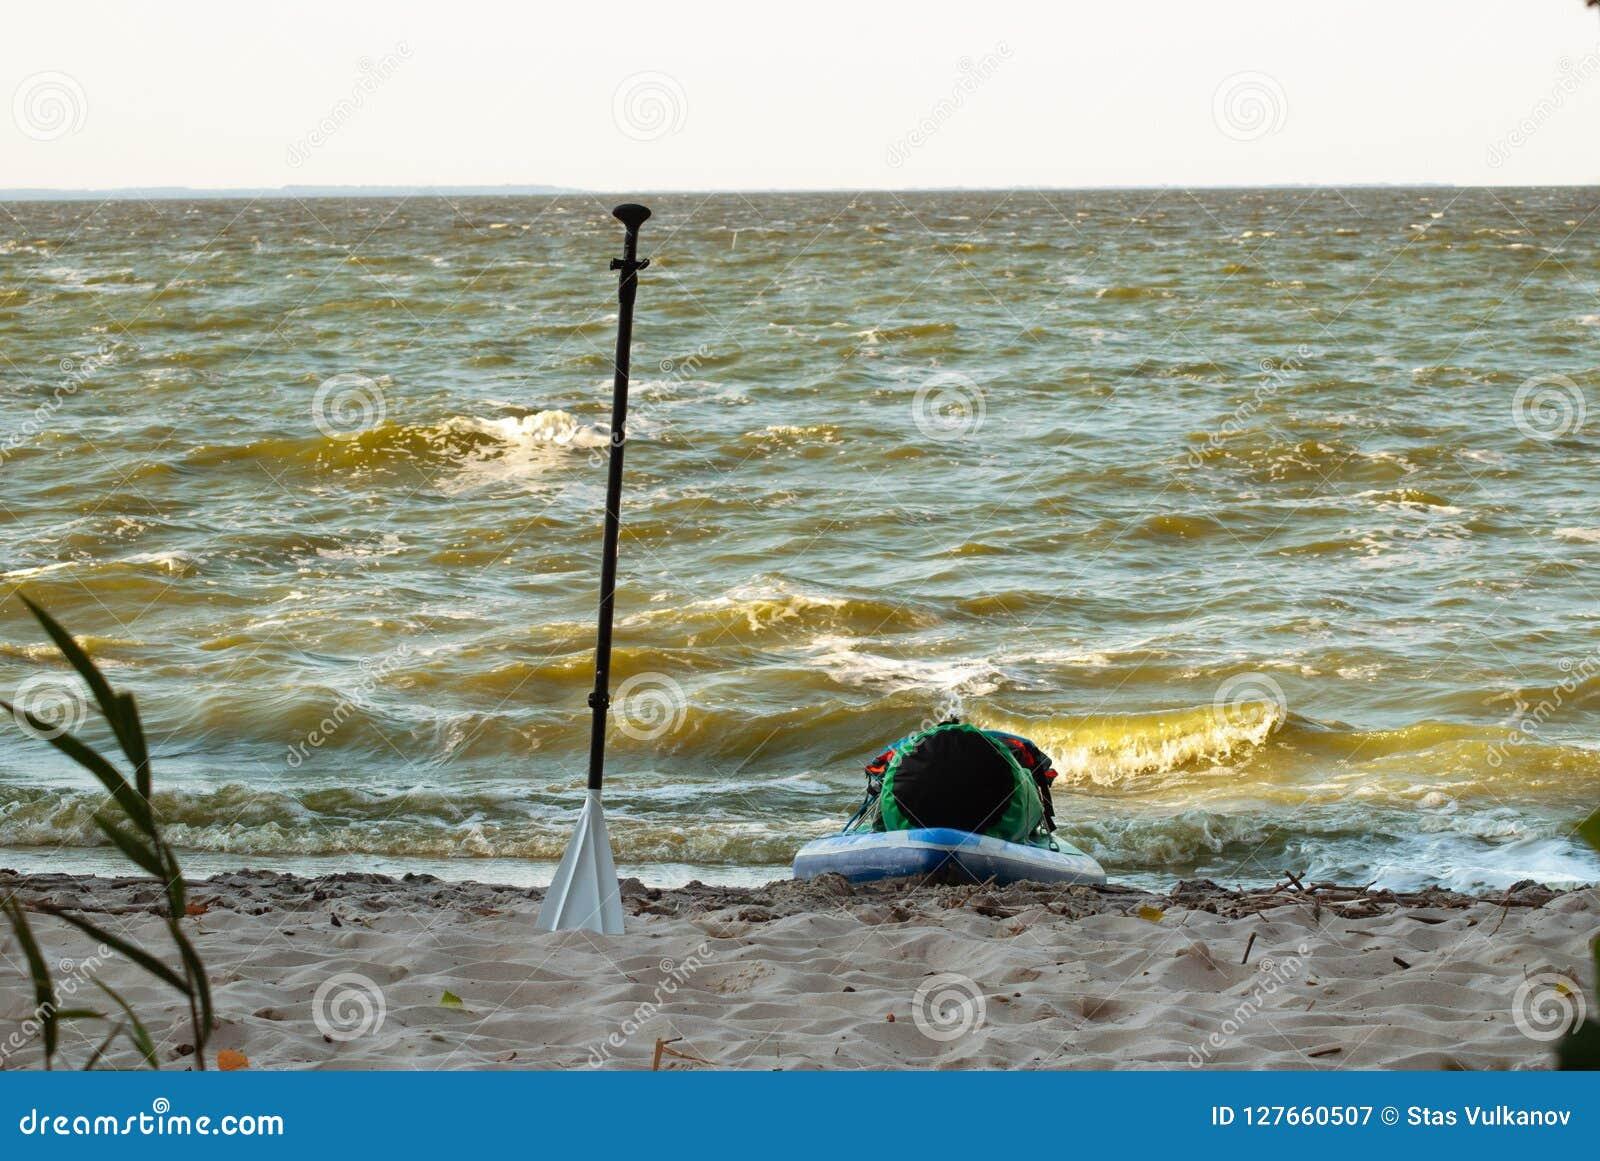 Expedition stehen oben paddleboard, ein Paddel und ein Sup Brett auf dem Ufer,